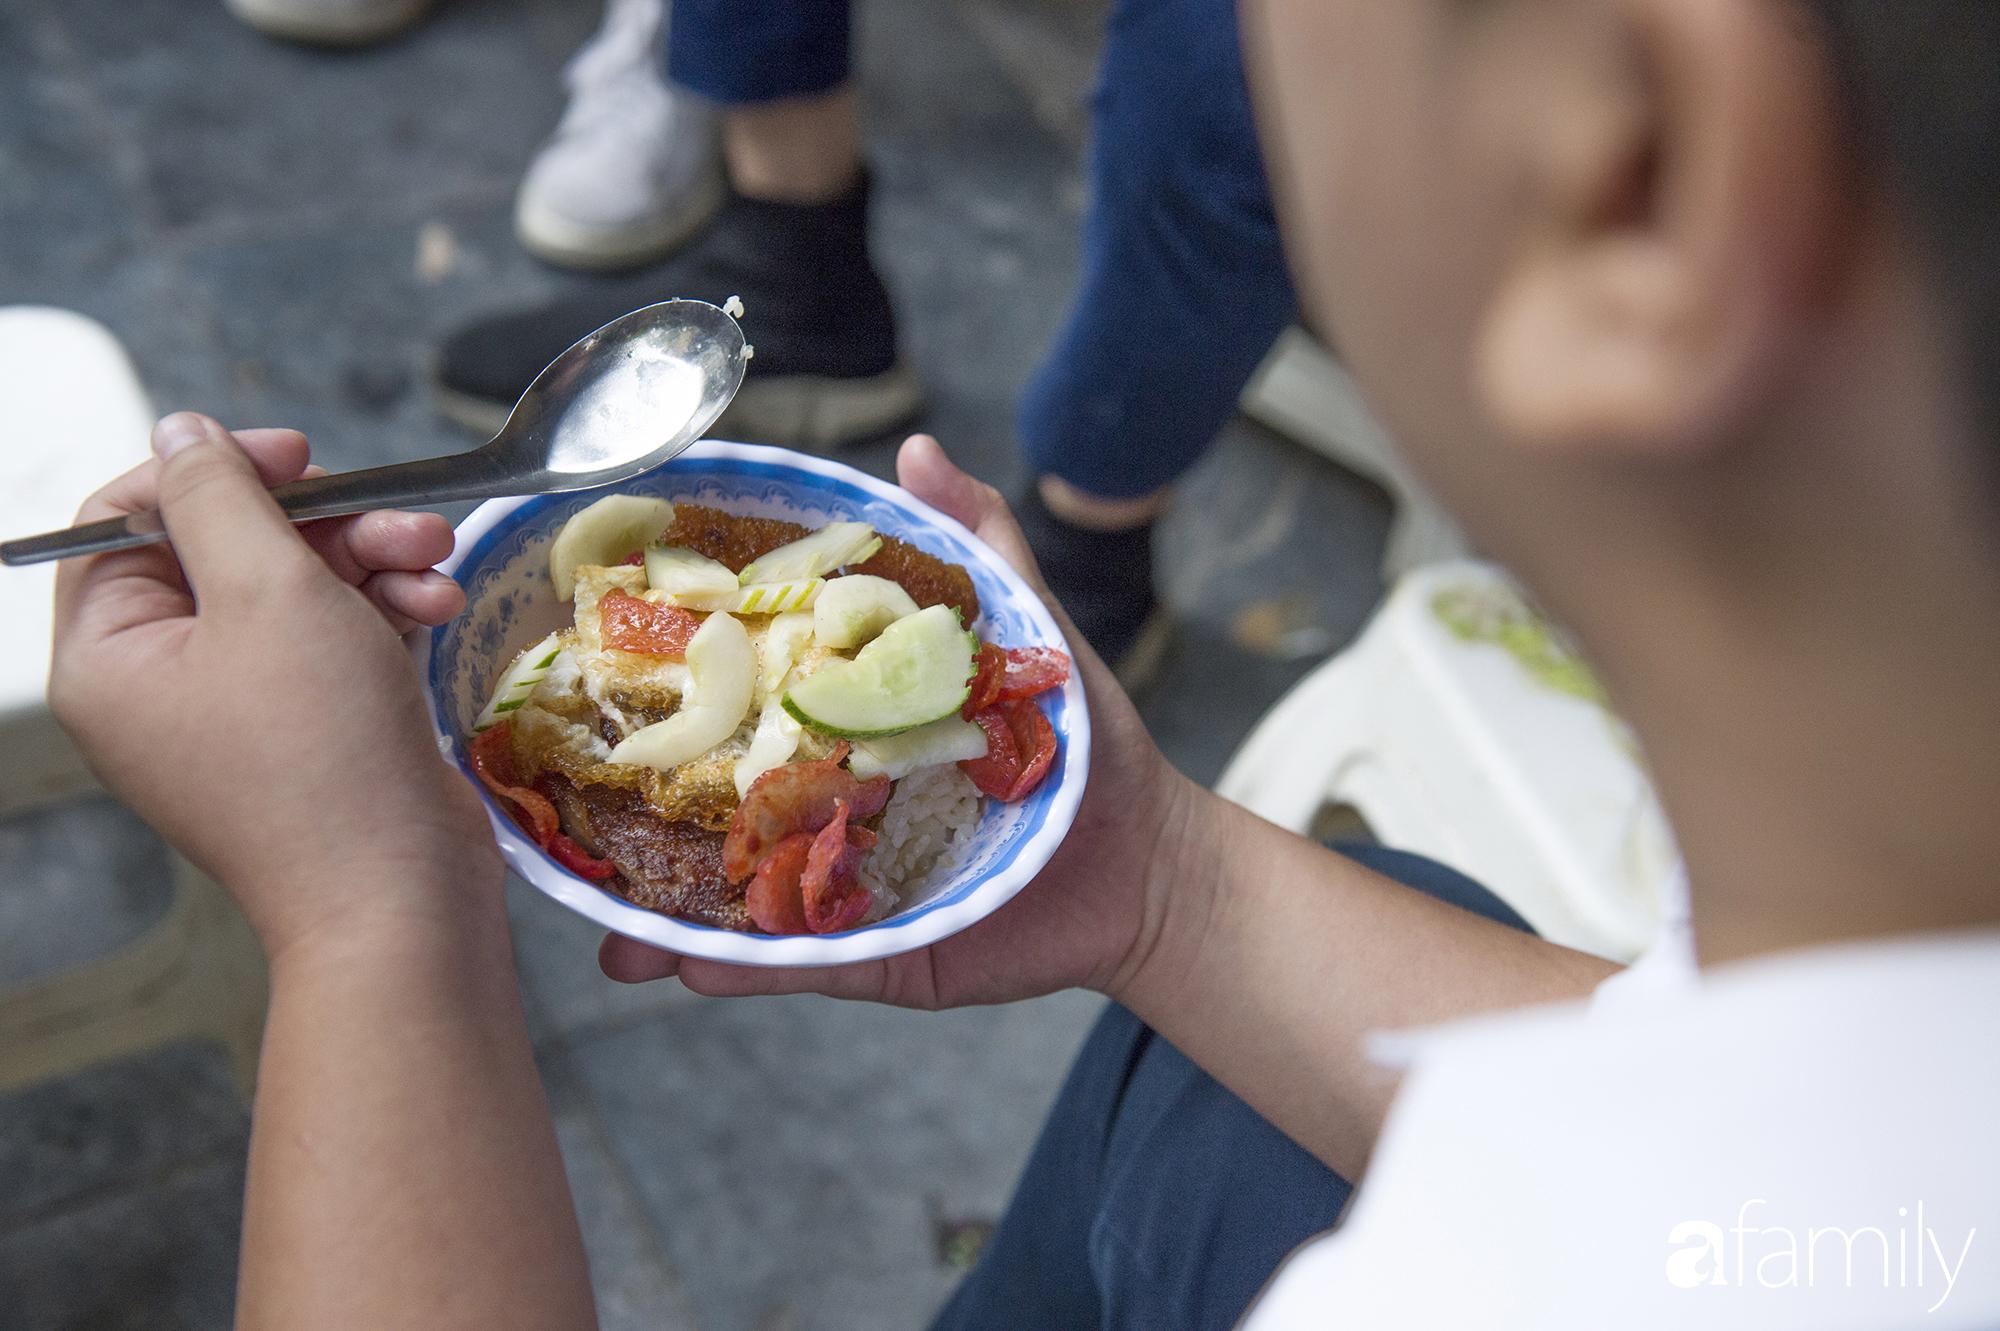 Hàng xôi sáng bán chớp nhoáng ở phố Hàng Mã gây sốt với thịt kho giòn bì và pate rán, nếm thử rồi mới thấy bõ công dậy sớm - Ảnh 7.